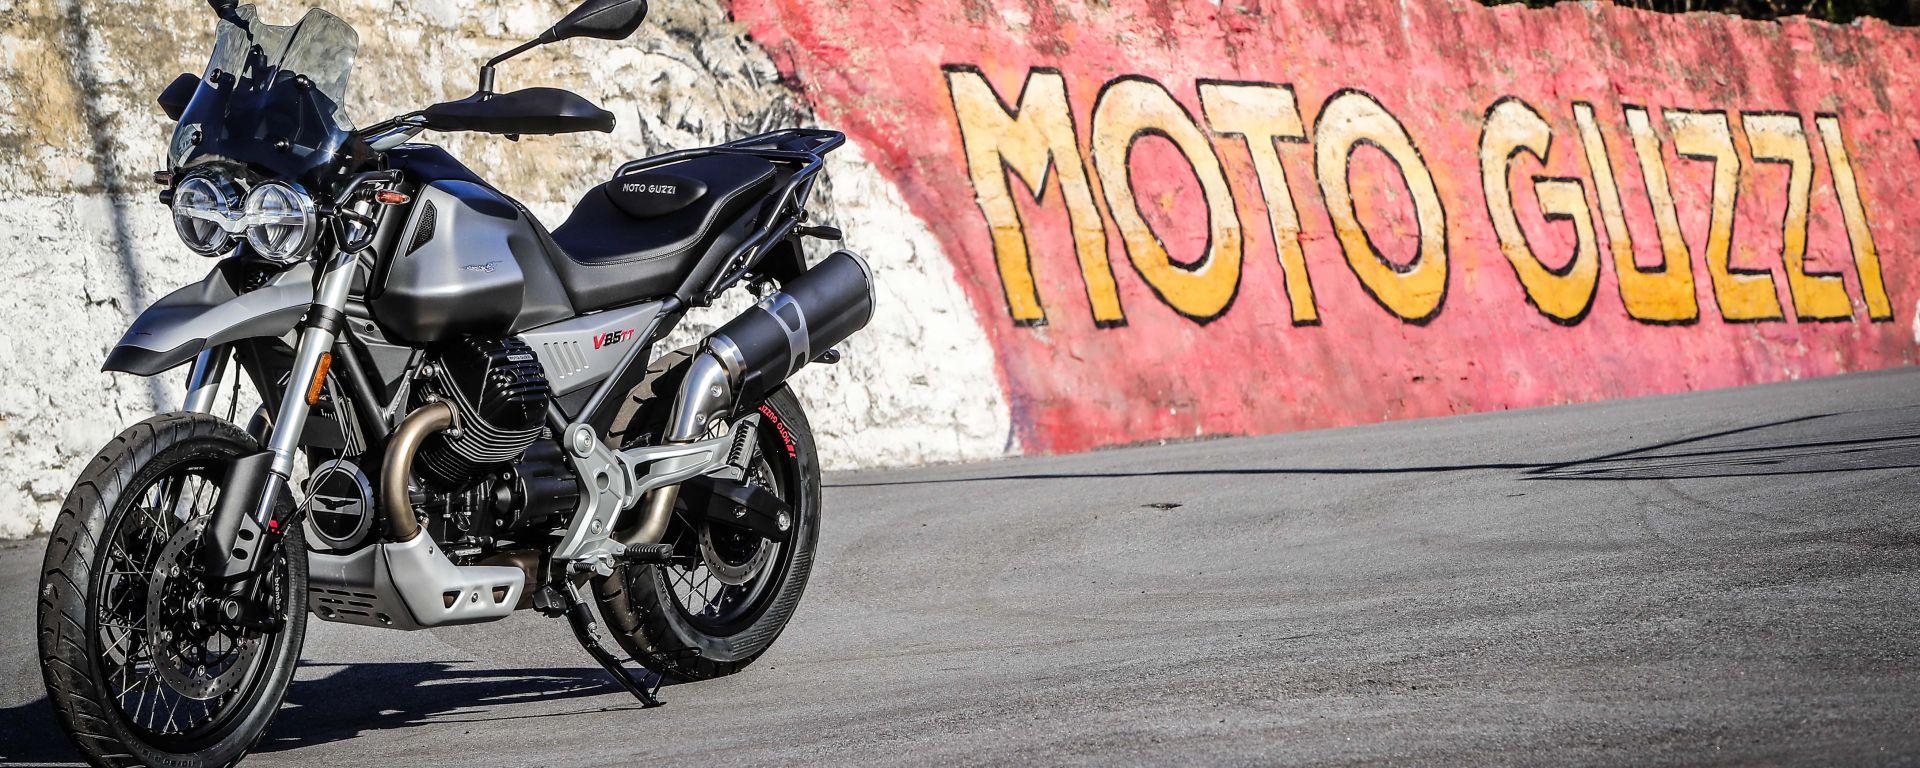 Moto Guzzi V85TT: successo europeo, già 8.000 i test ride prenotati